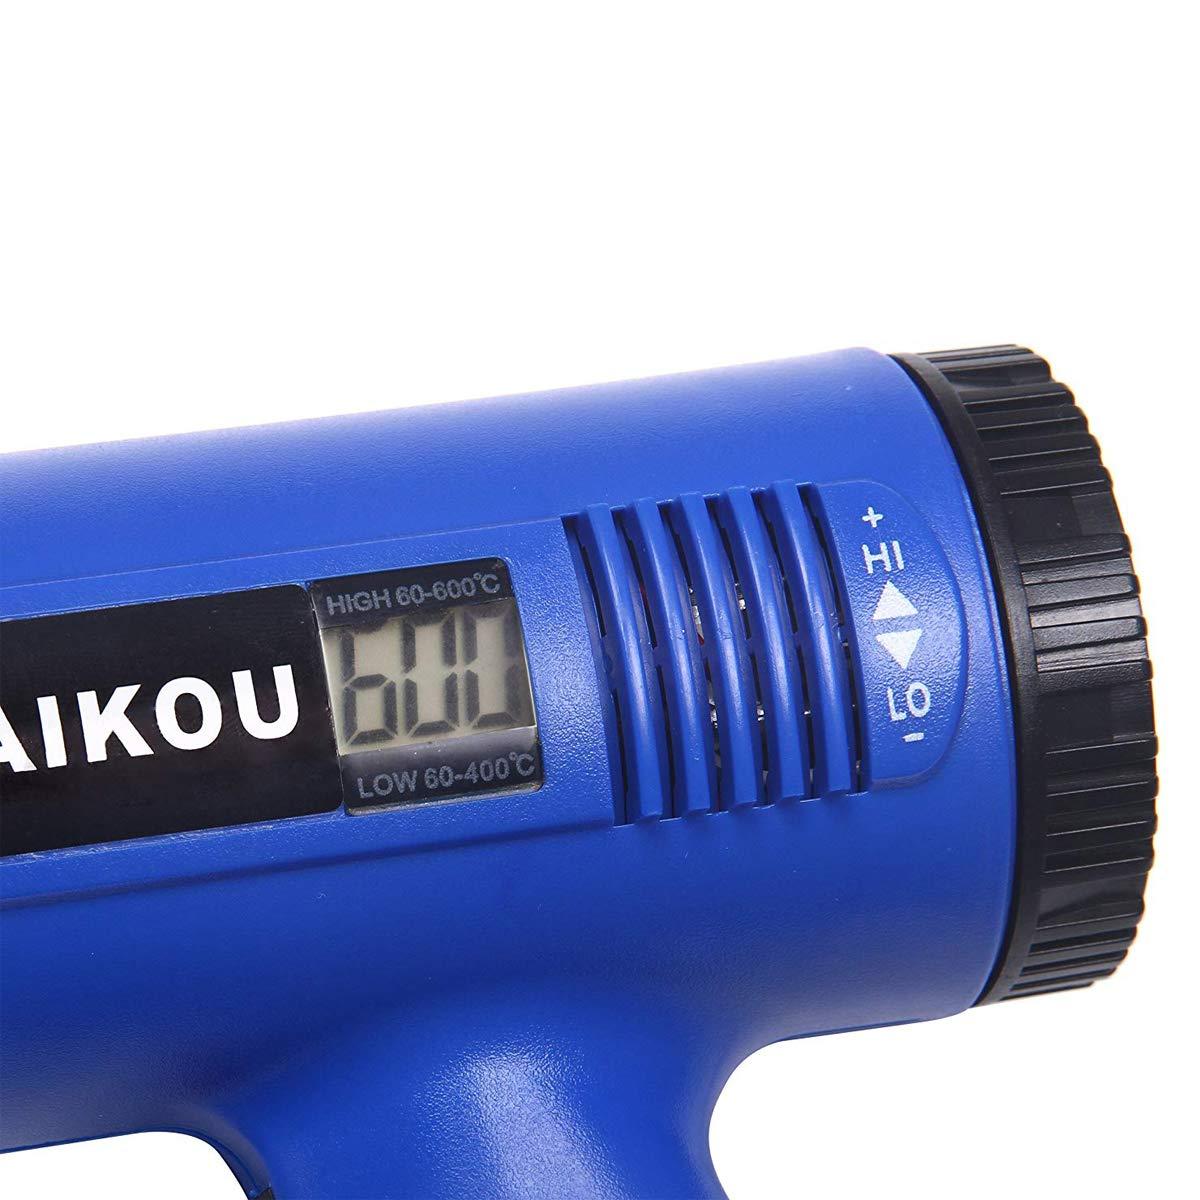 Pistola ad Aria Calda, 1800 W, Temperatura Regolabile in Continuo da 60° C a 600° C inclus LCD e 4 Pz Resistente al Calore Ugelli